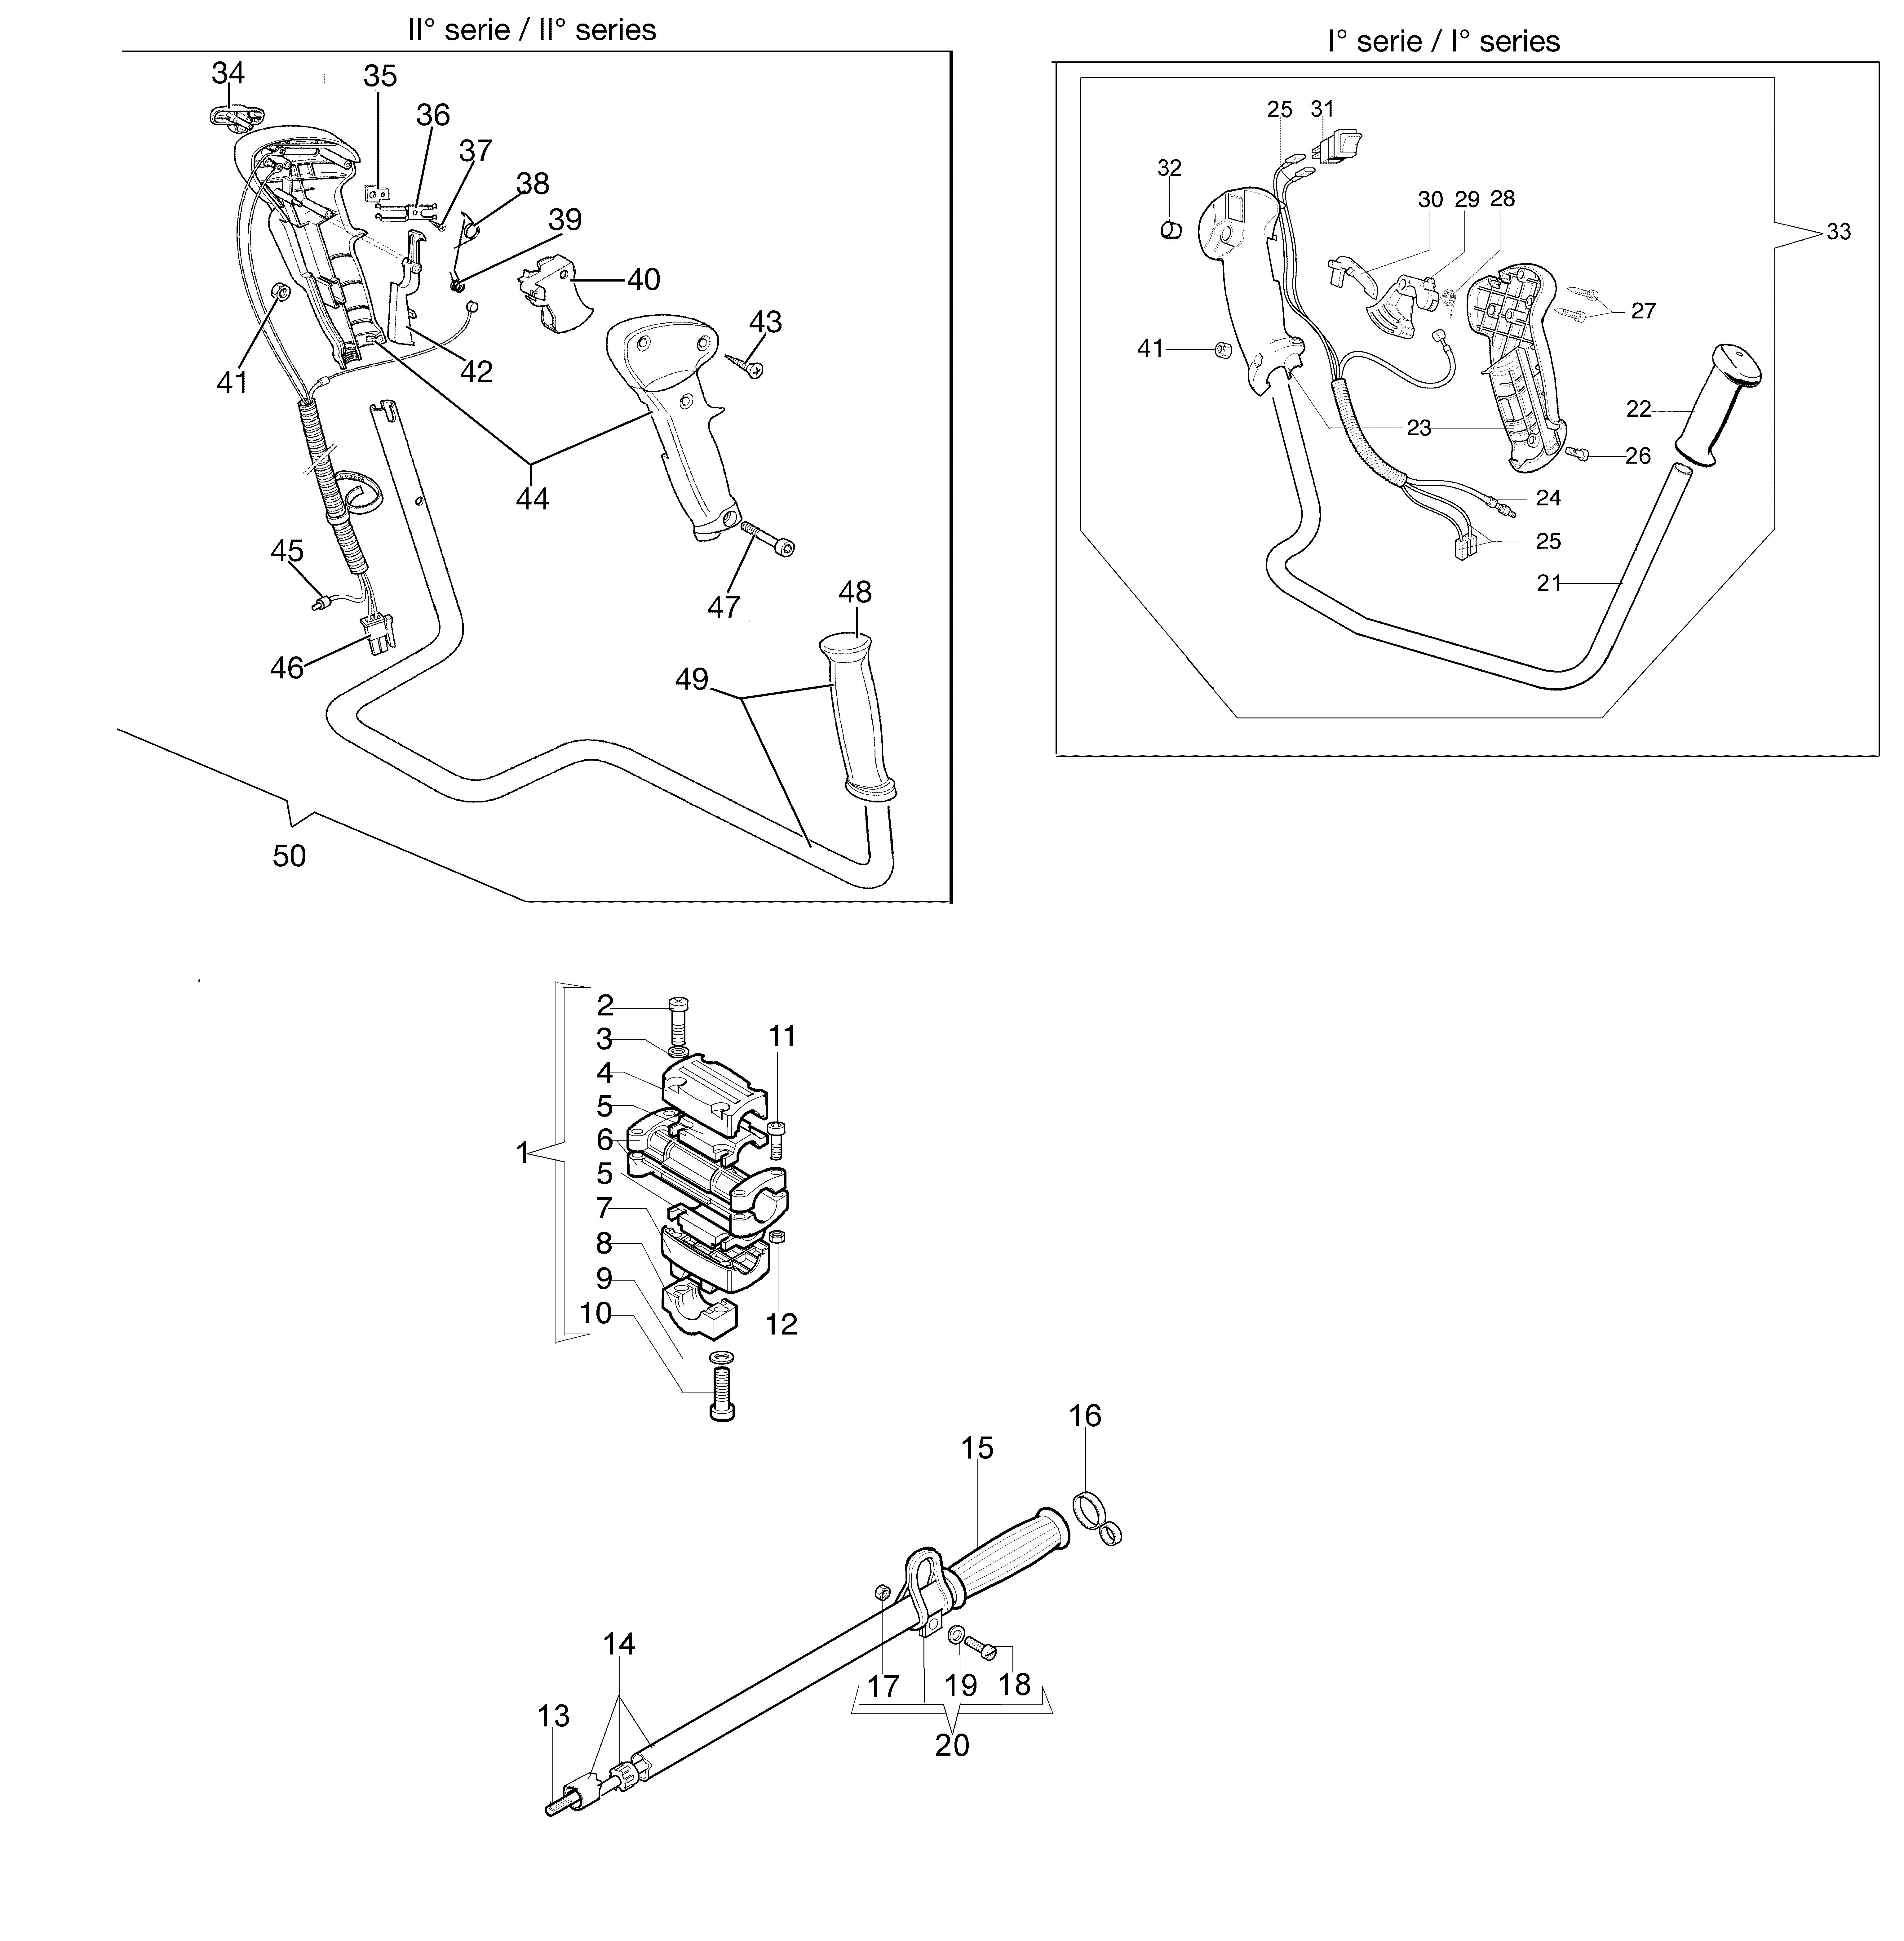 753 T Débroussailleuse oleomac Dessins pièces vue éclatée Transmission